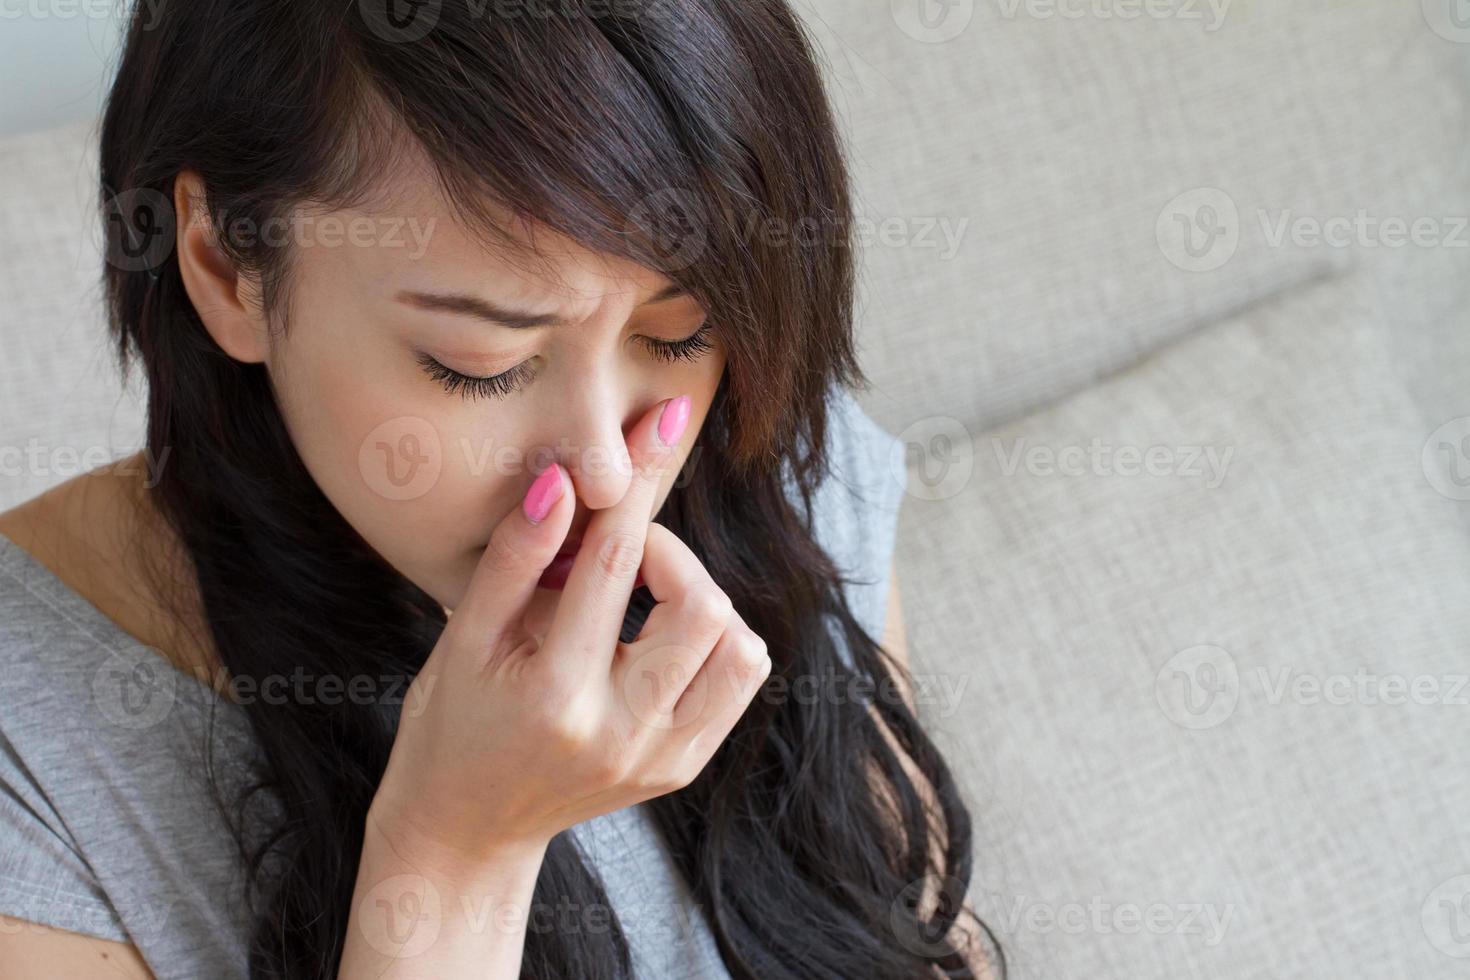 mujer enferma sufre de gripe, resfriado, goteo nasal, caucásico asiático foto